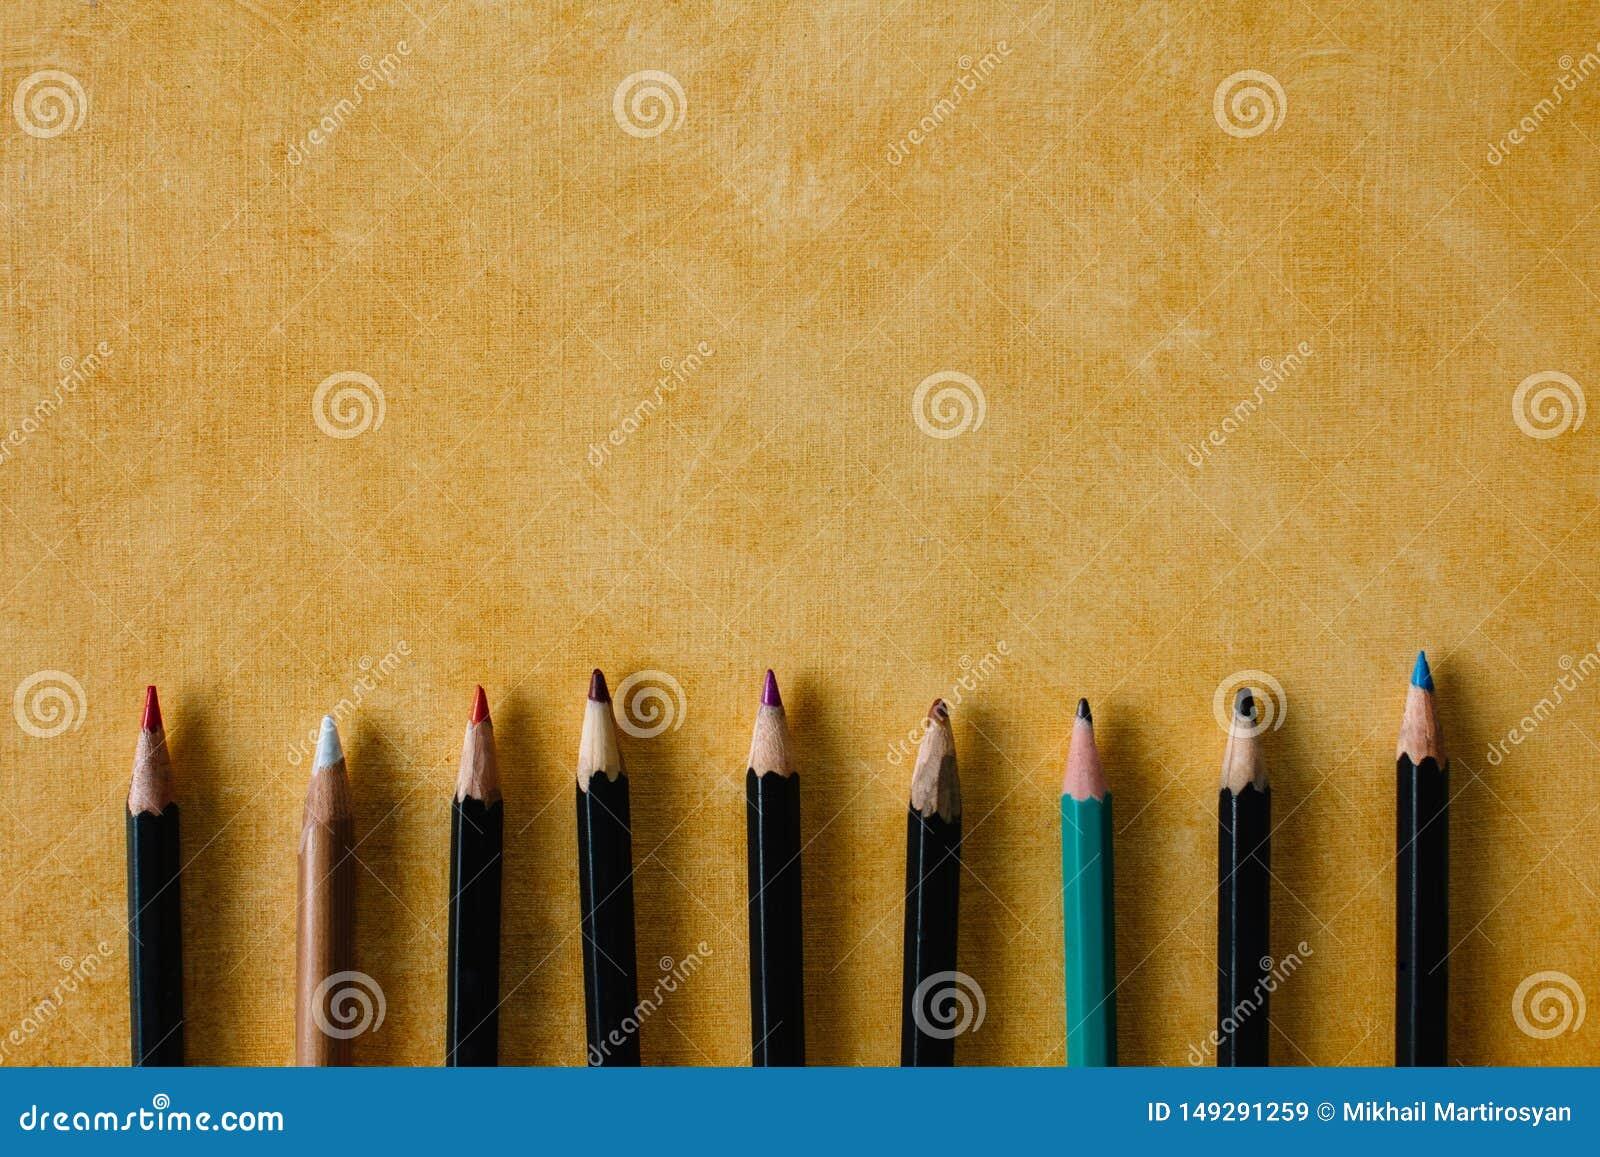 Покрашенные карандаши на текстурной бумажной предпосылке желтого космоса экземпляра цвета